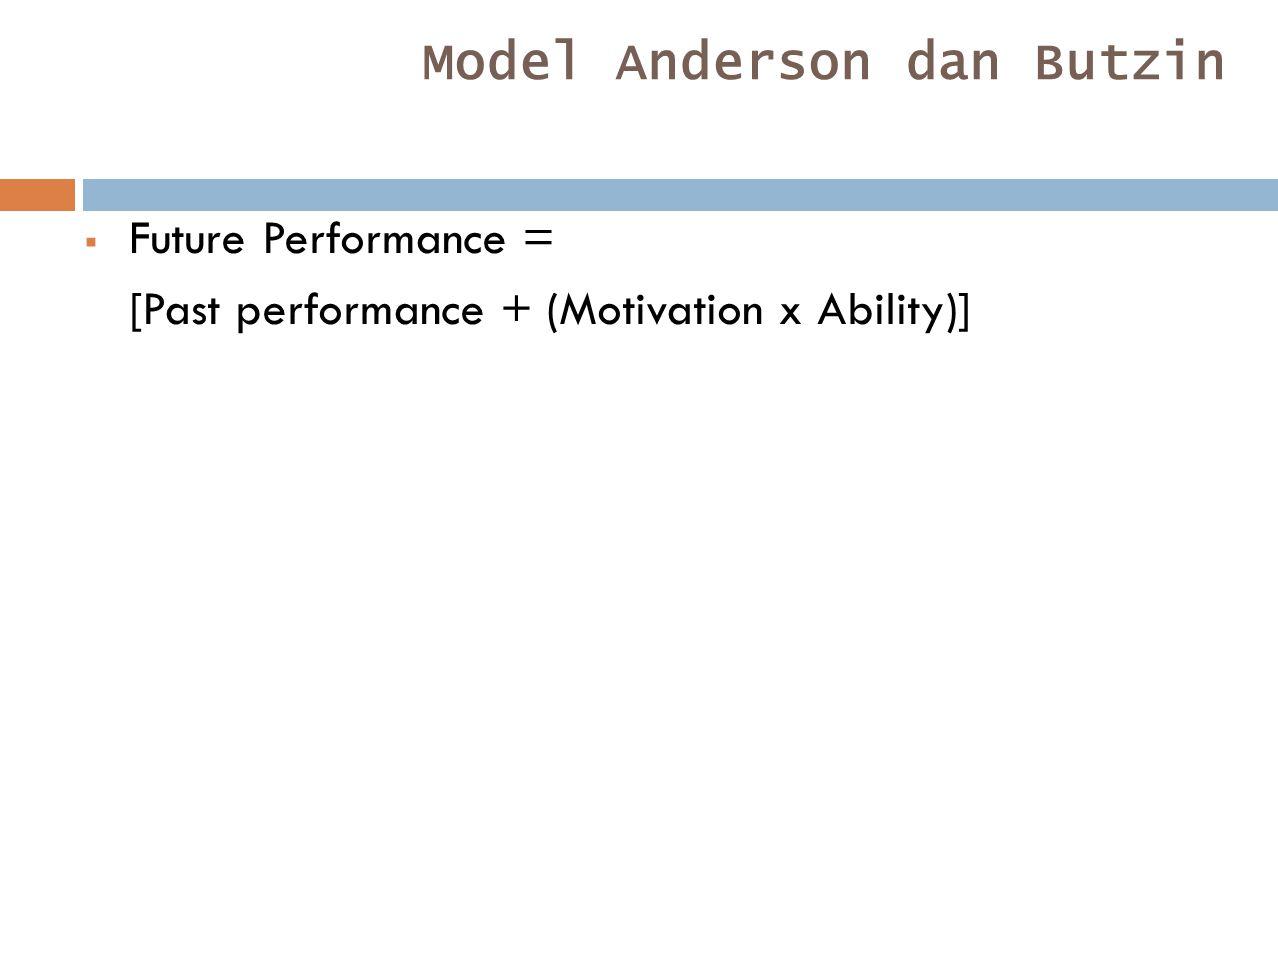 Model Anderson dan Butzin